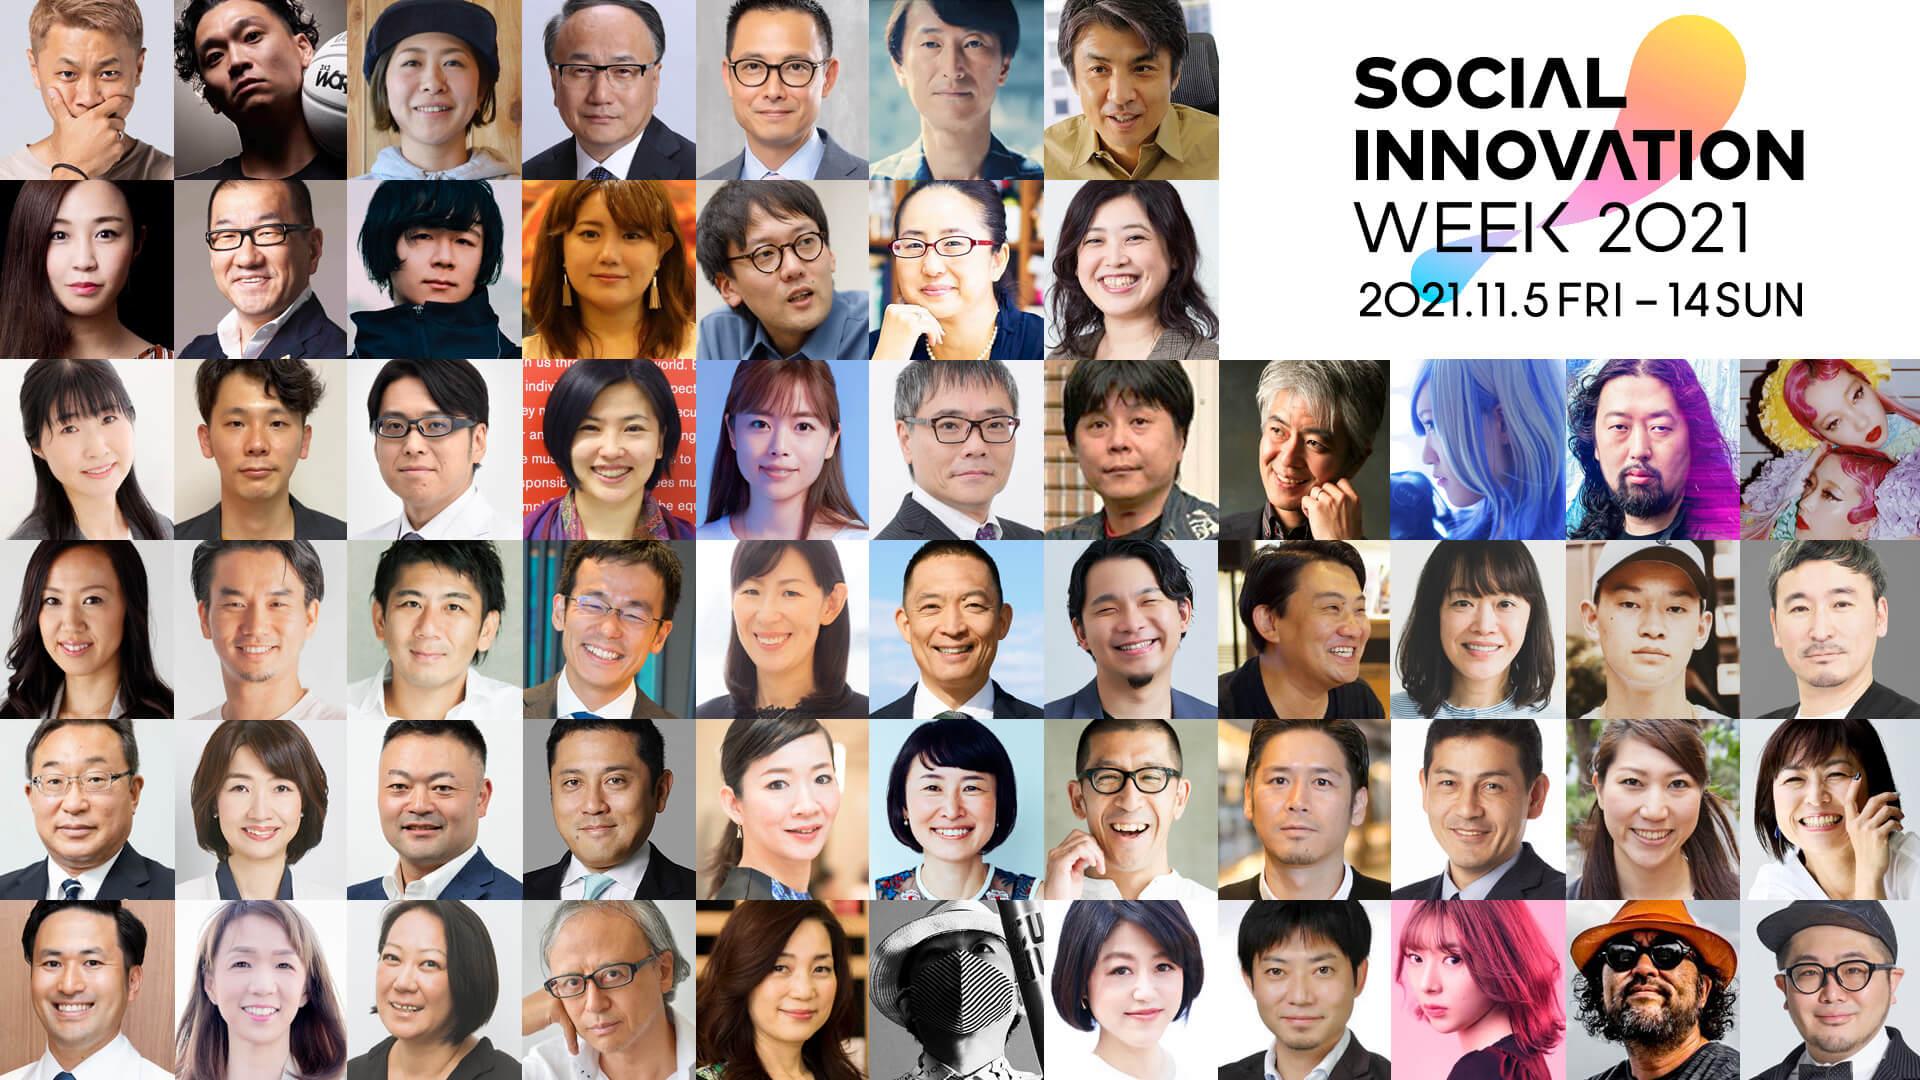 都市型イベント<SIW SHIBUYA 2021>の登壇者の第1弾が発表!斎藤幸平、辻愛沙子、AMIAYAなど豪華ゲストが参加 art211014_social_innovation_week_shibuya_01